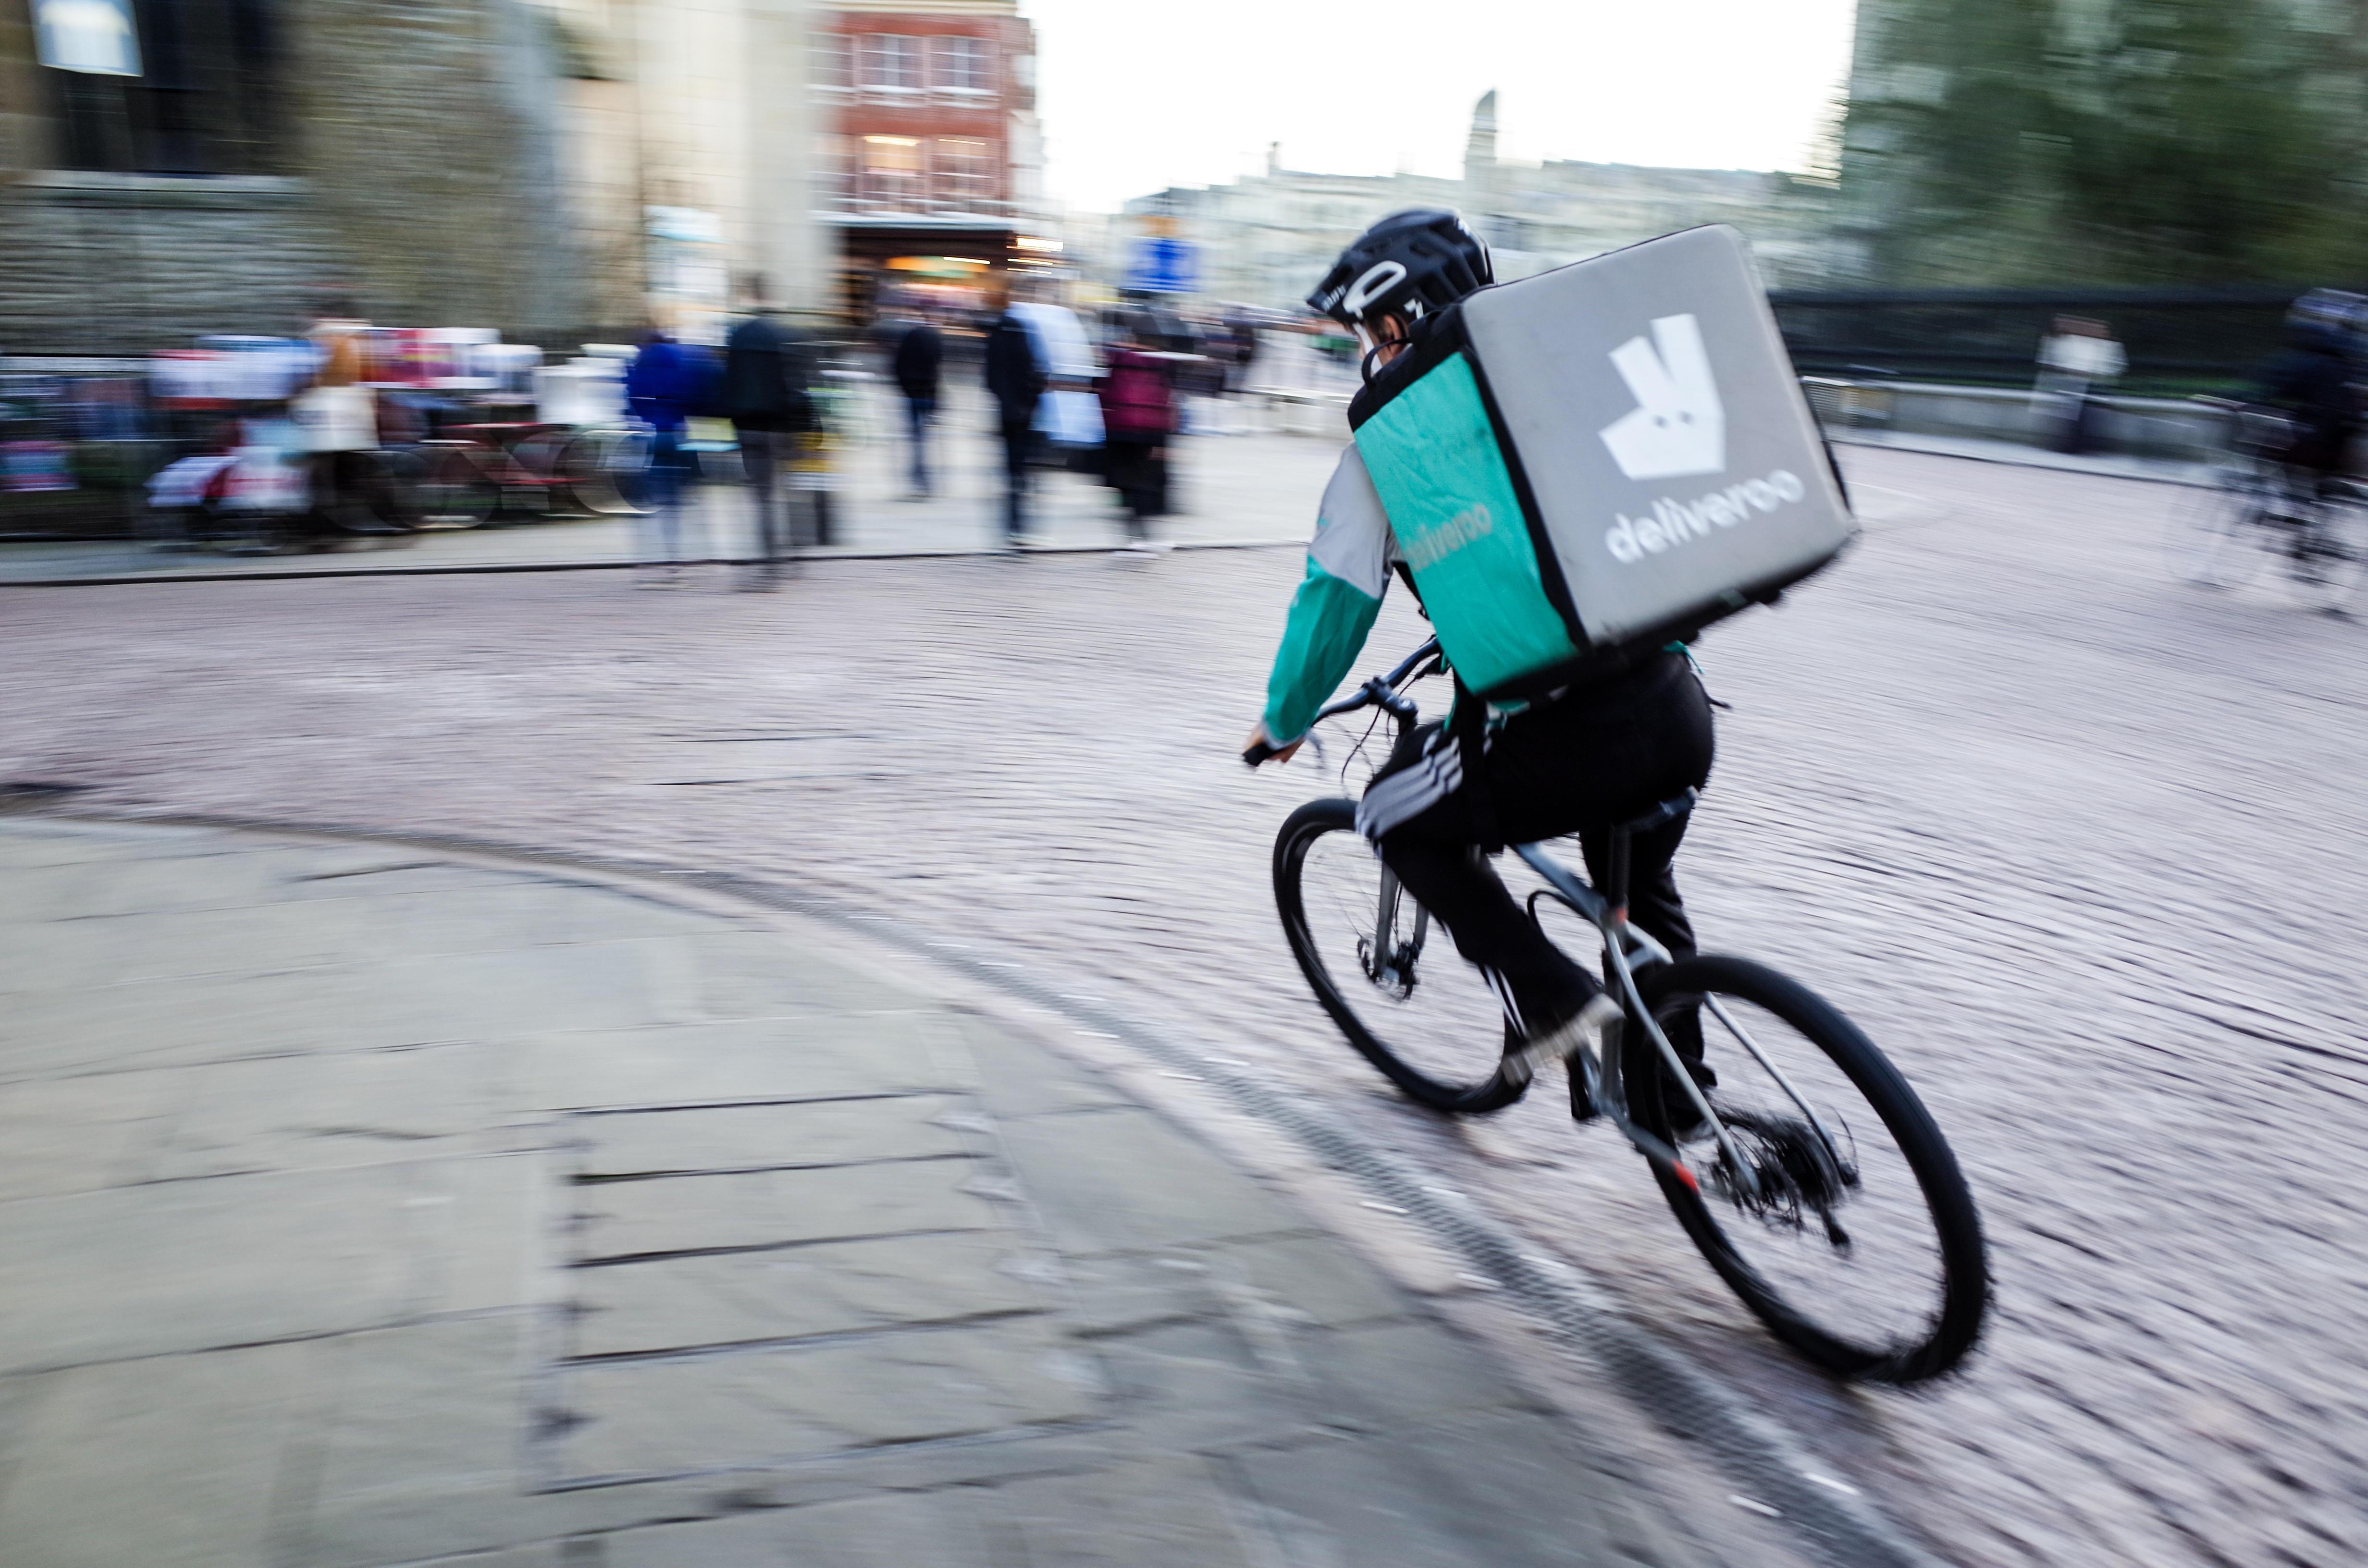 Get up to five per cent cashback with Deliveroo via topcashback